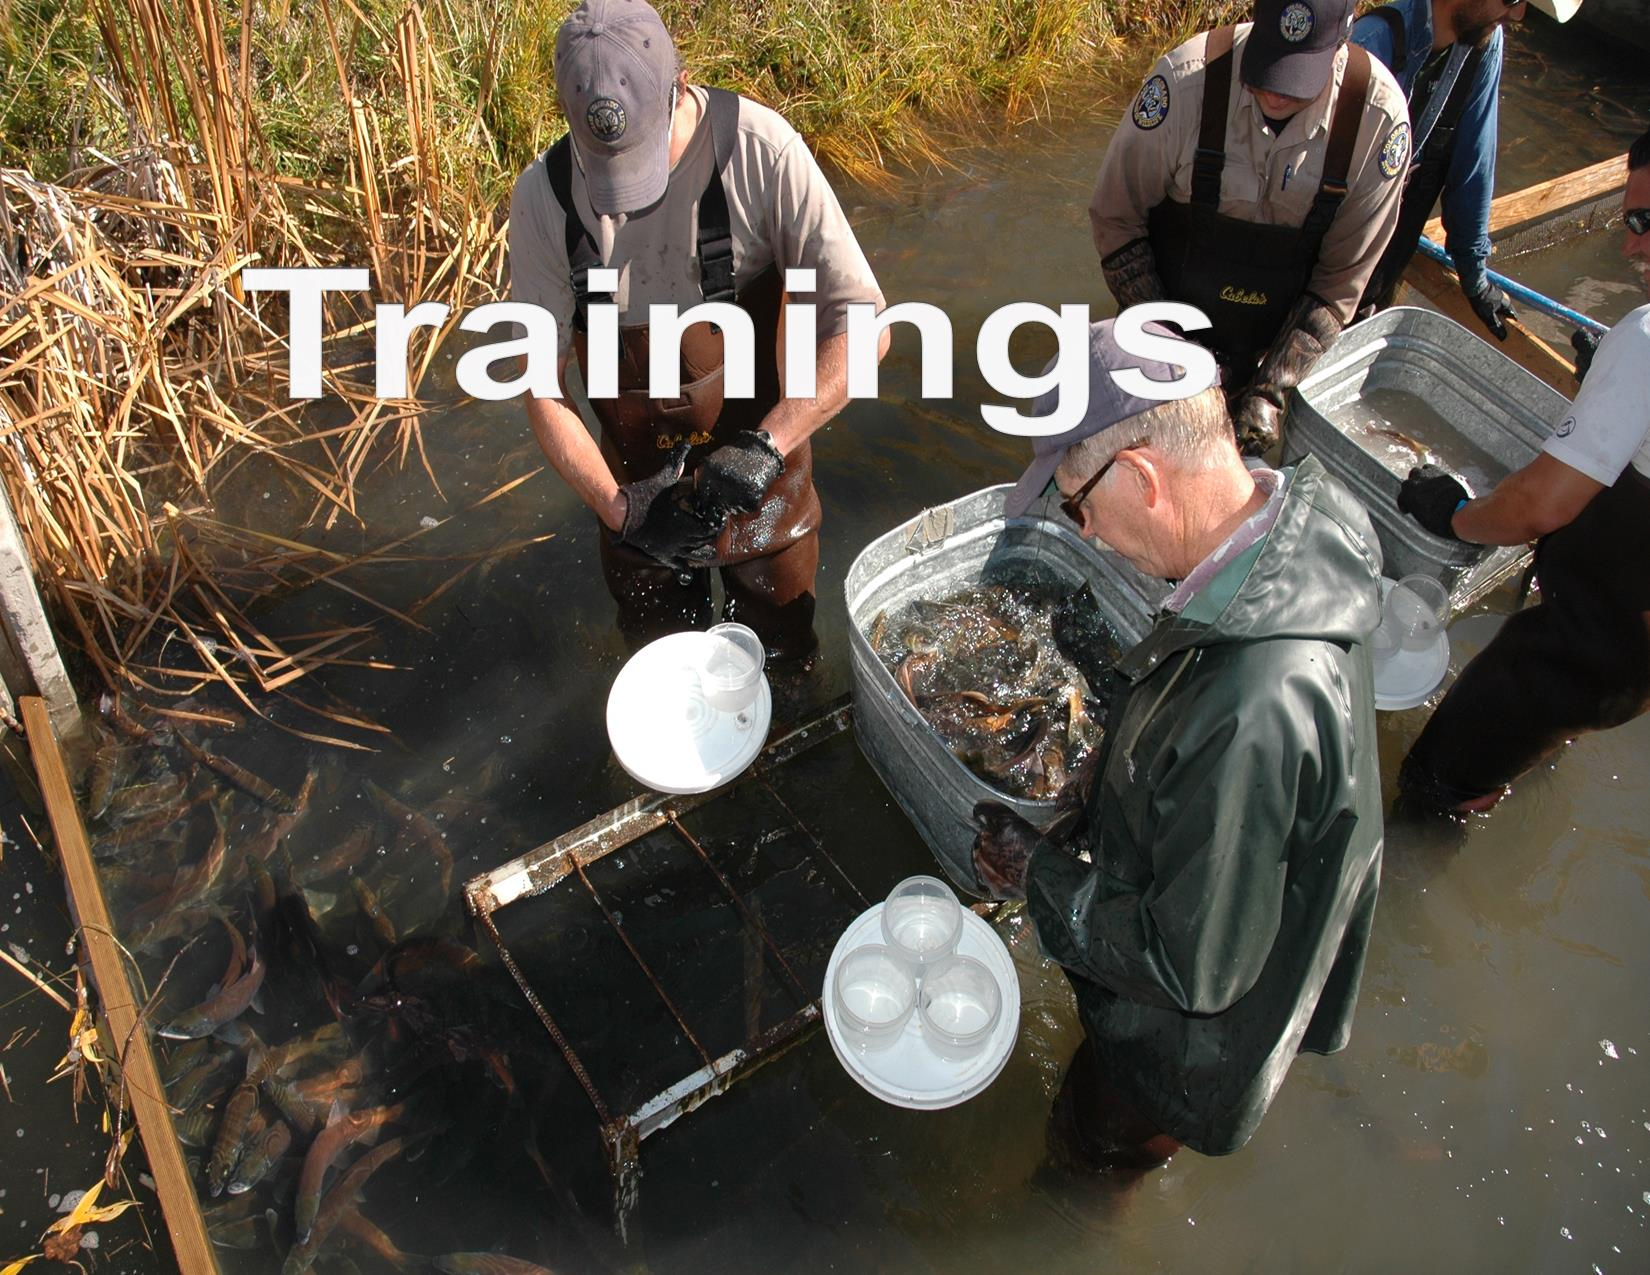 Salmon Spawing,Workers spawn kokanee salmon, Joe Lewandowski, Colorado Parks and Wildlife, 10/15/2006